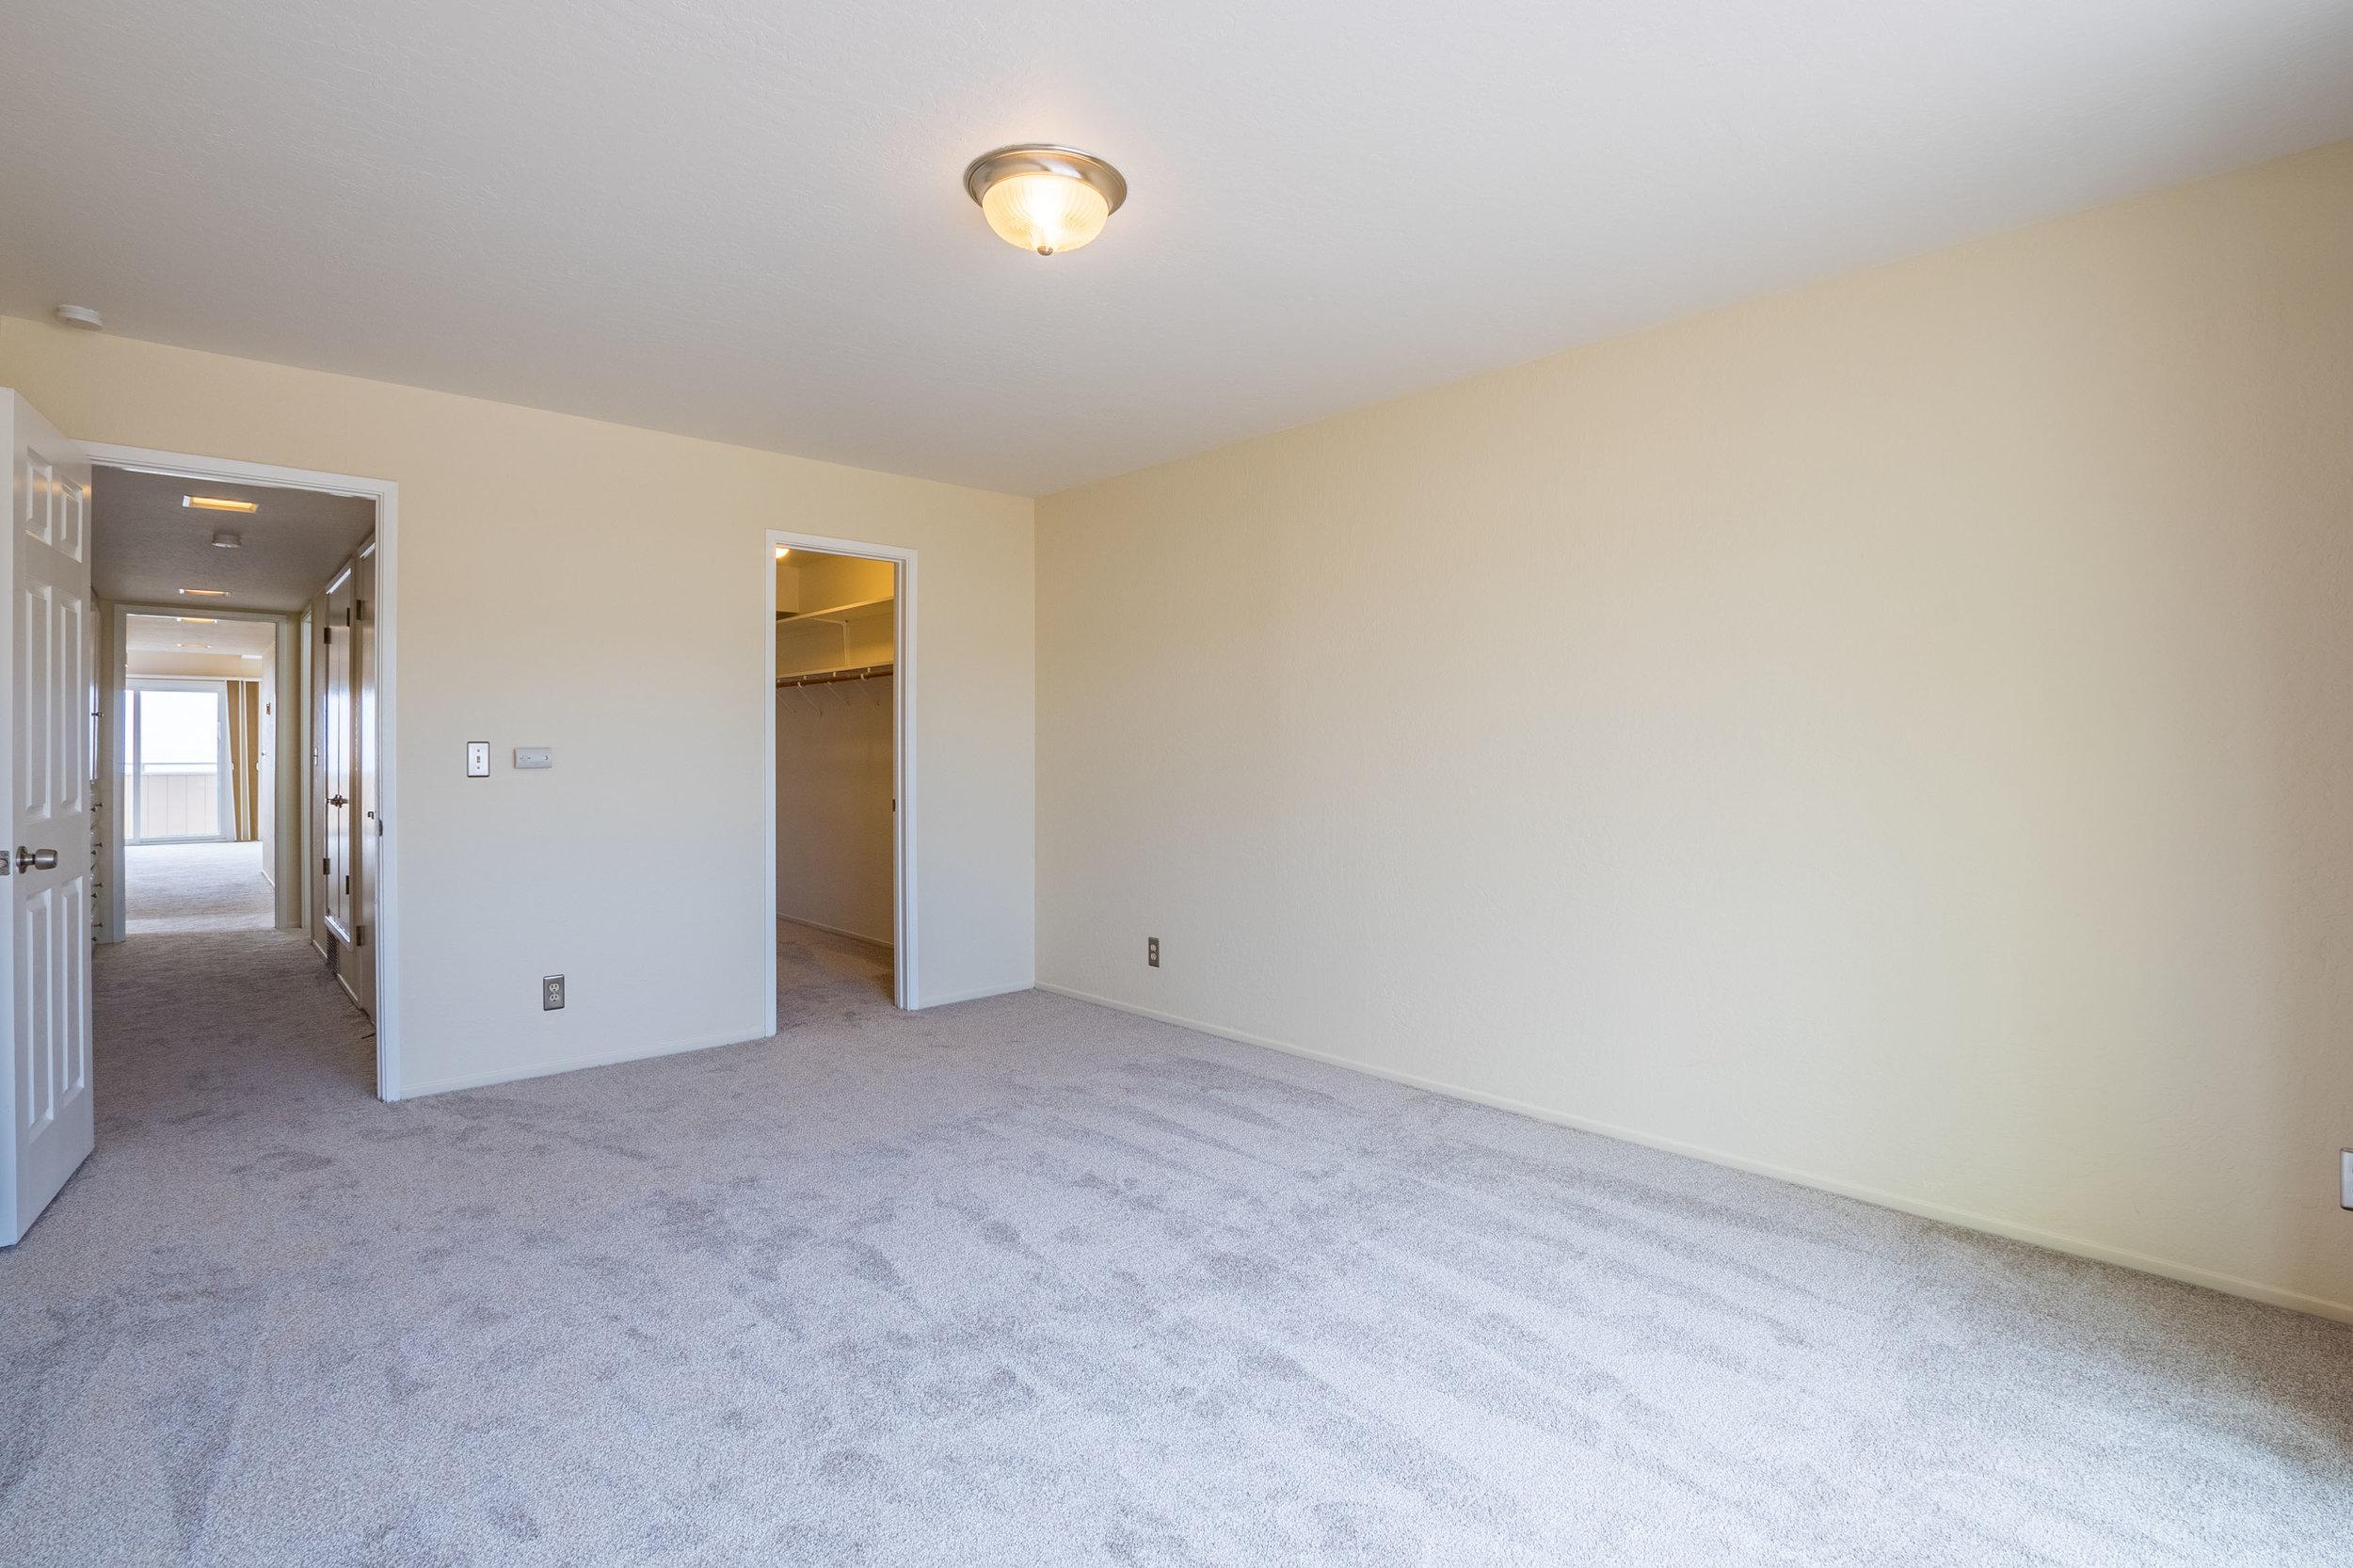 Large Bedroom in Aptos Condo with Ocean Views